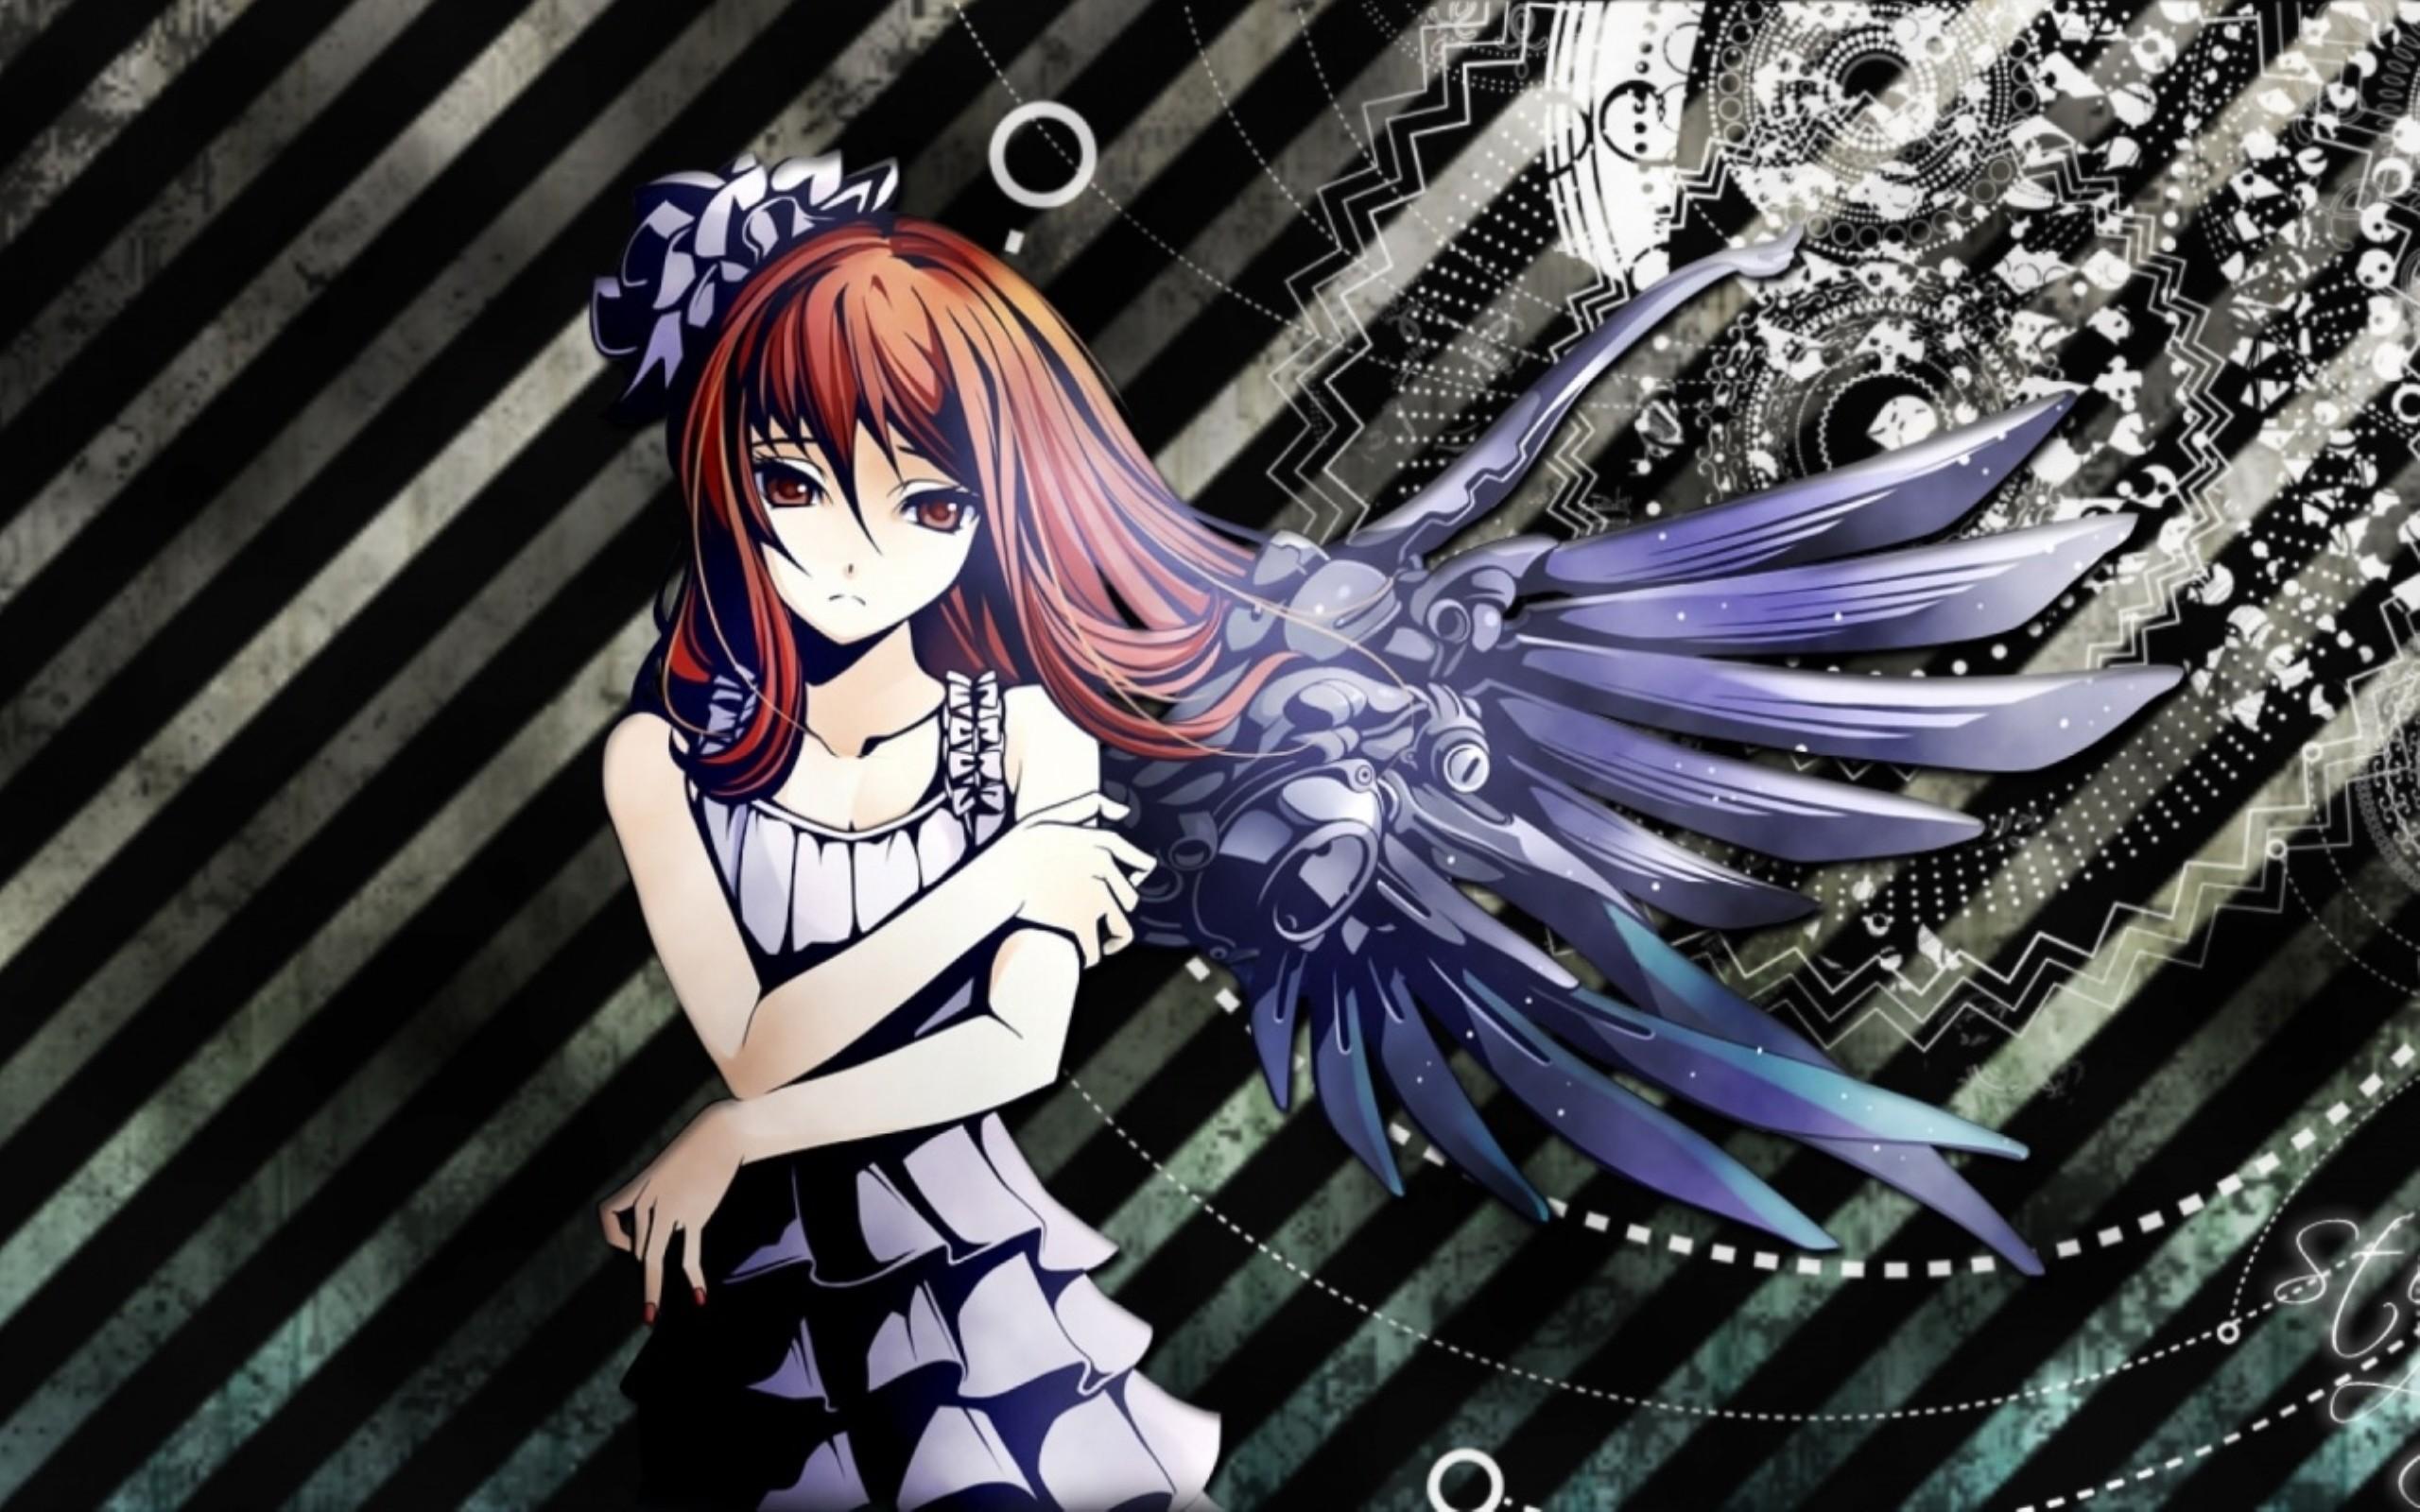 2560x1600, Anime Girl Mechanical Wings Wallpaper   - Anime Girl With Mechanical Wings - HD Wallpaper